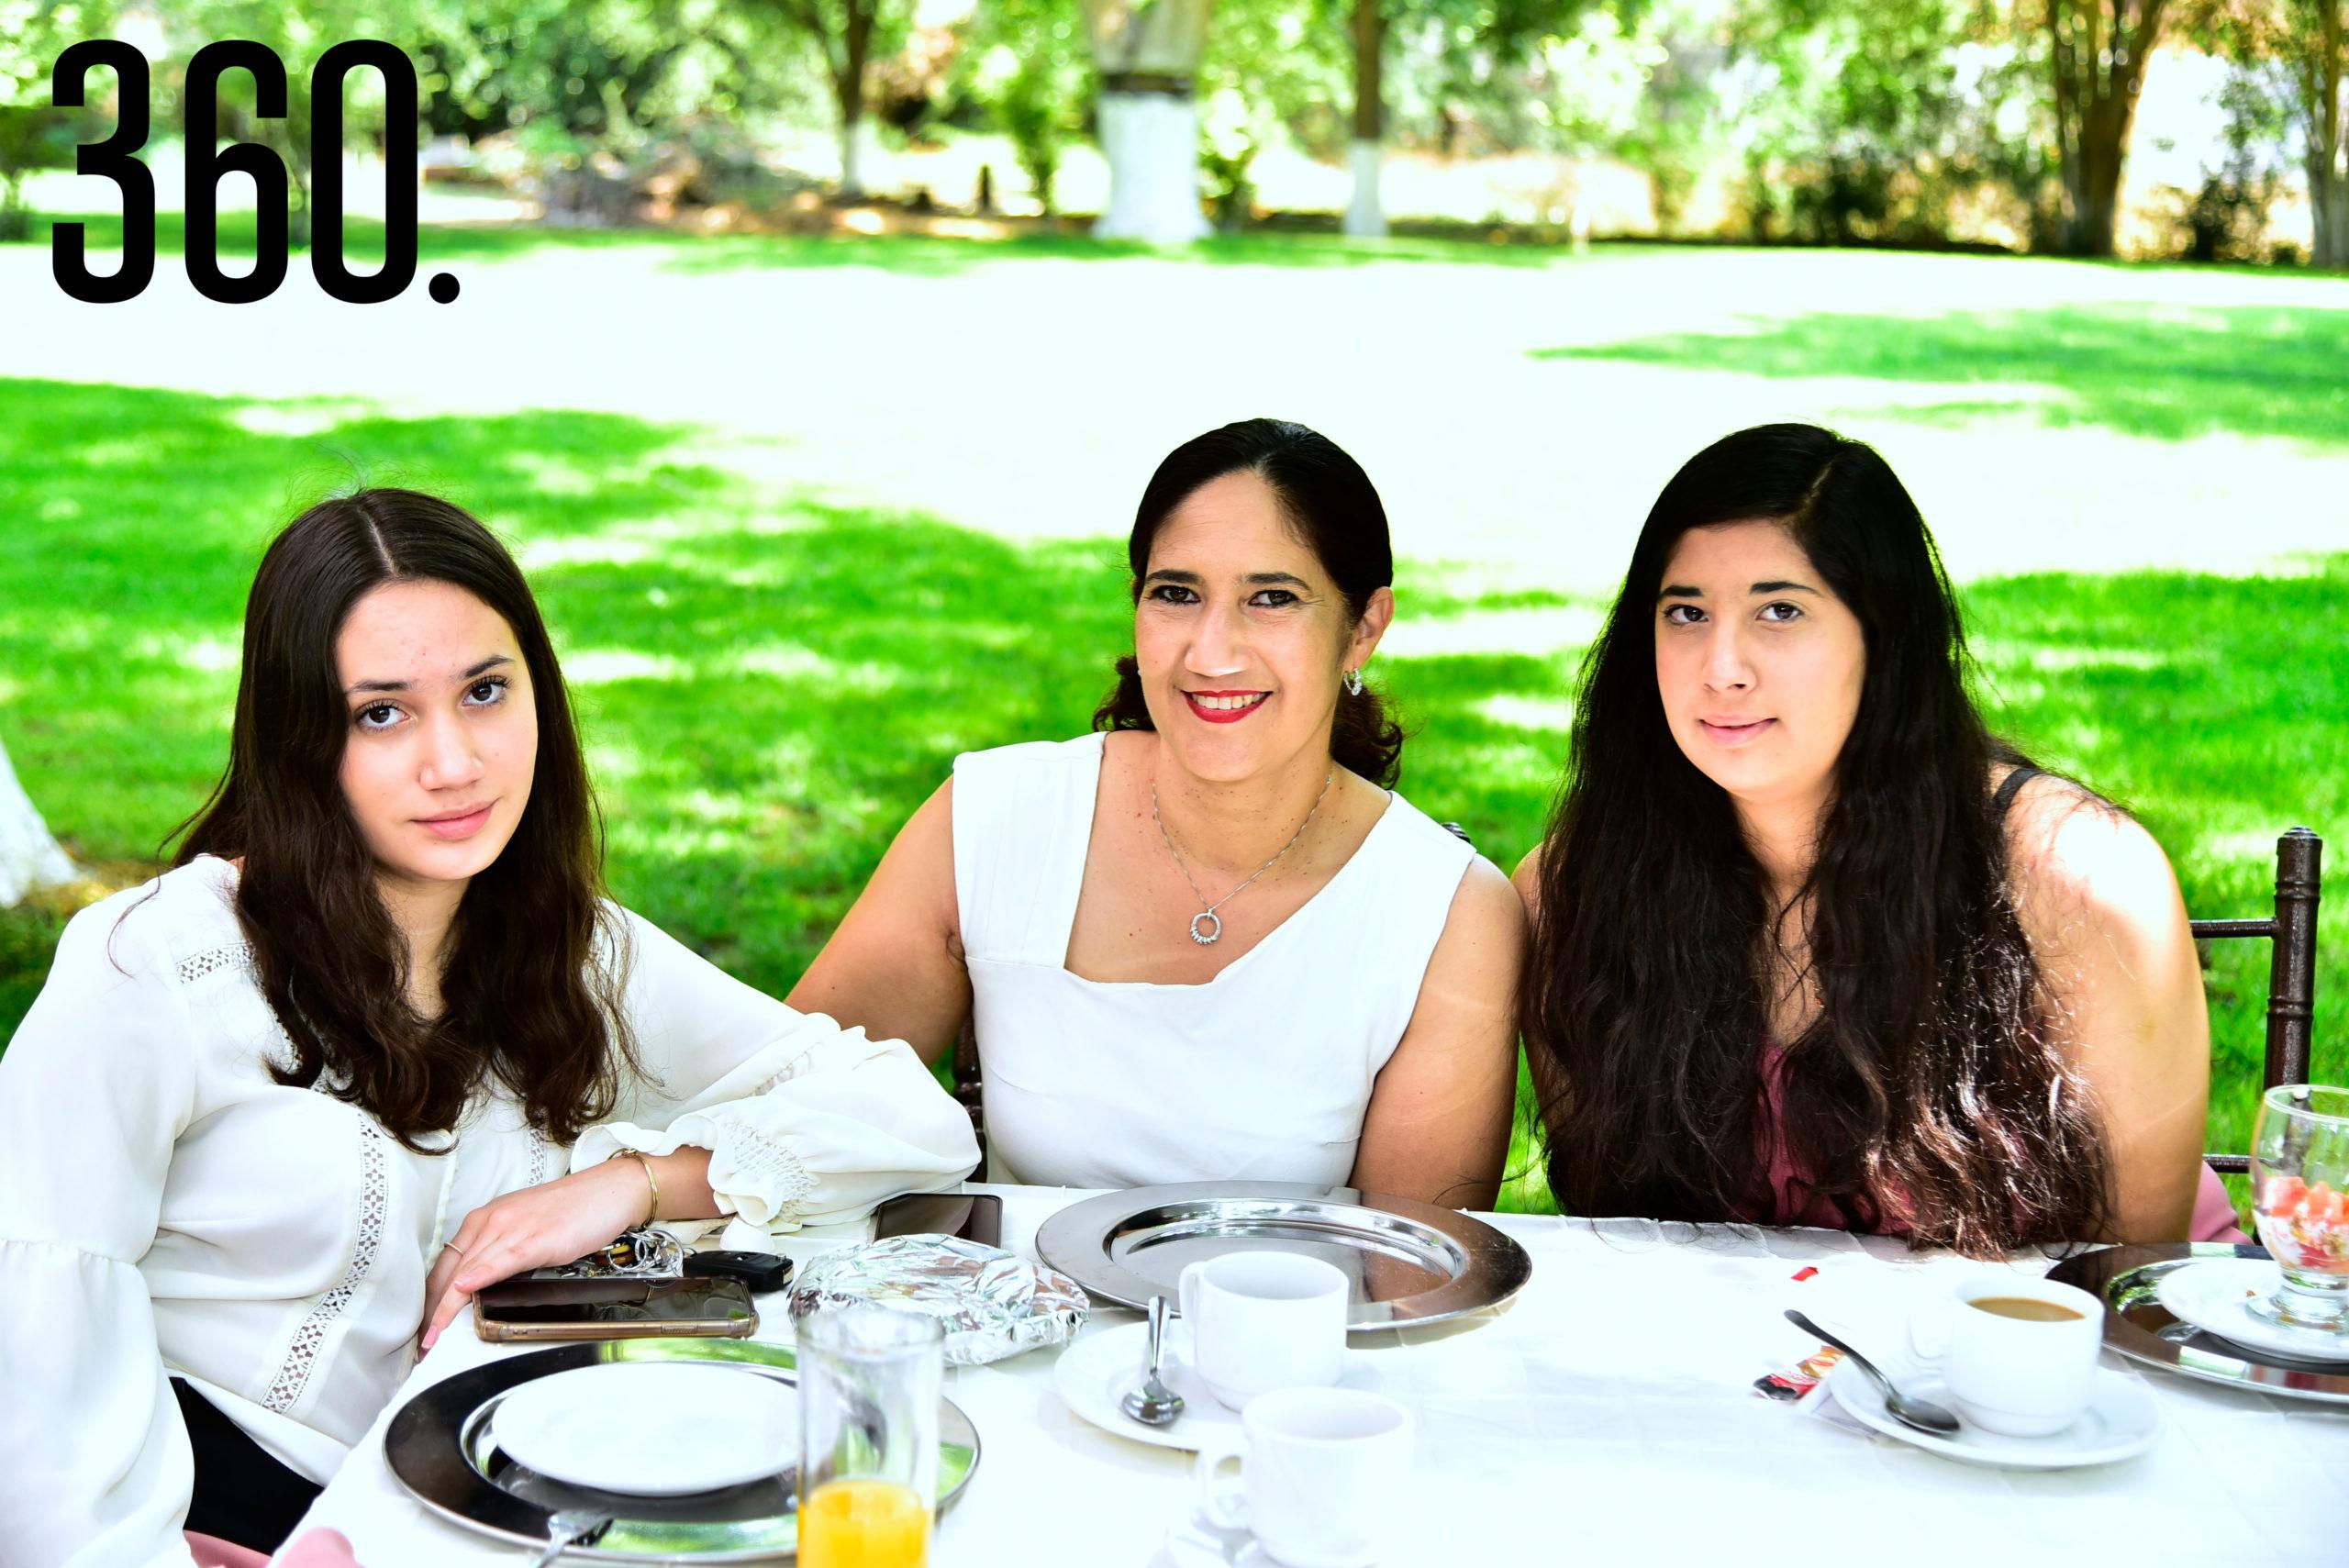 Lucía Melo, Dolores Cavazos de Melo y Cecilia Melo.